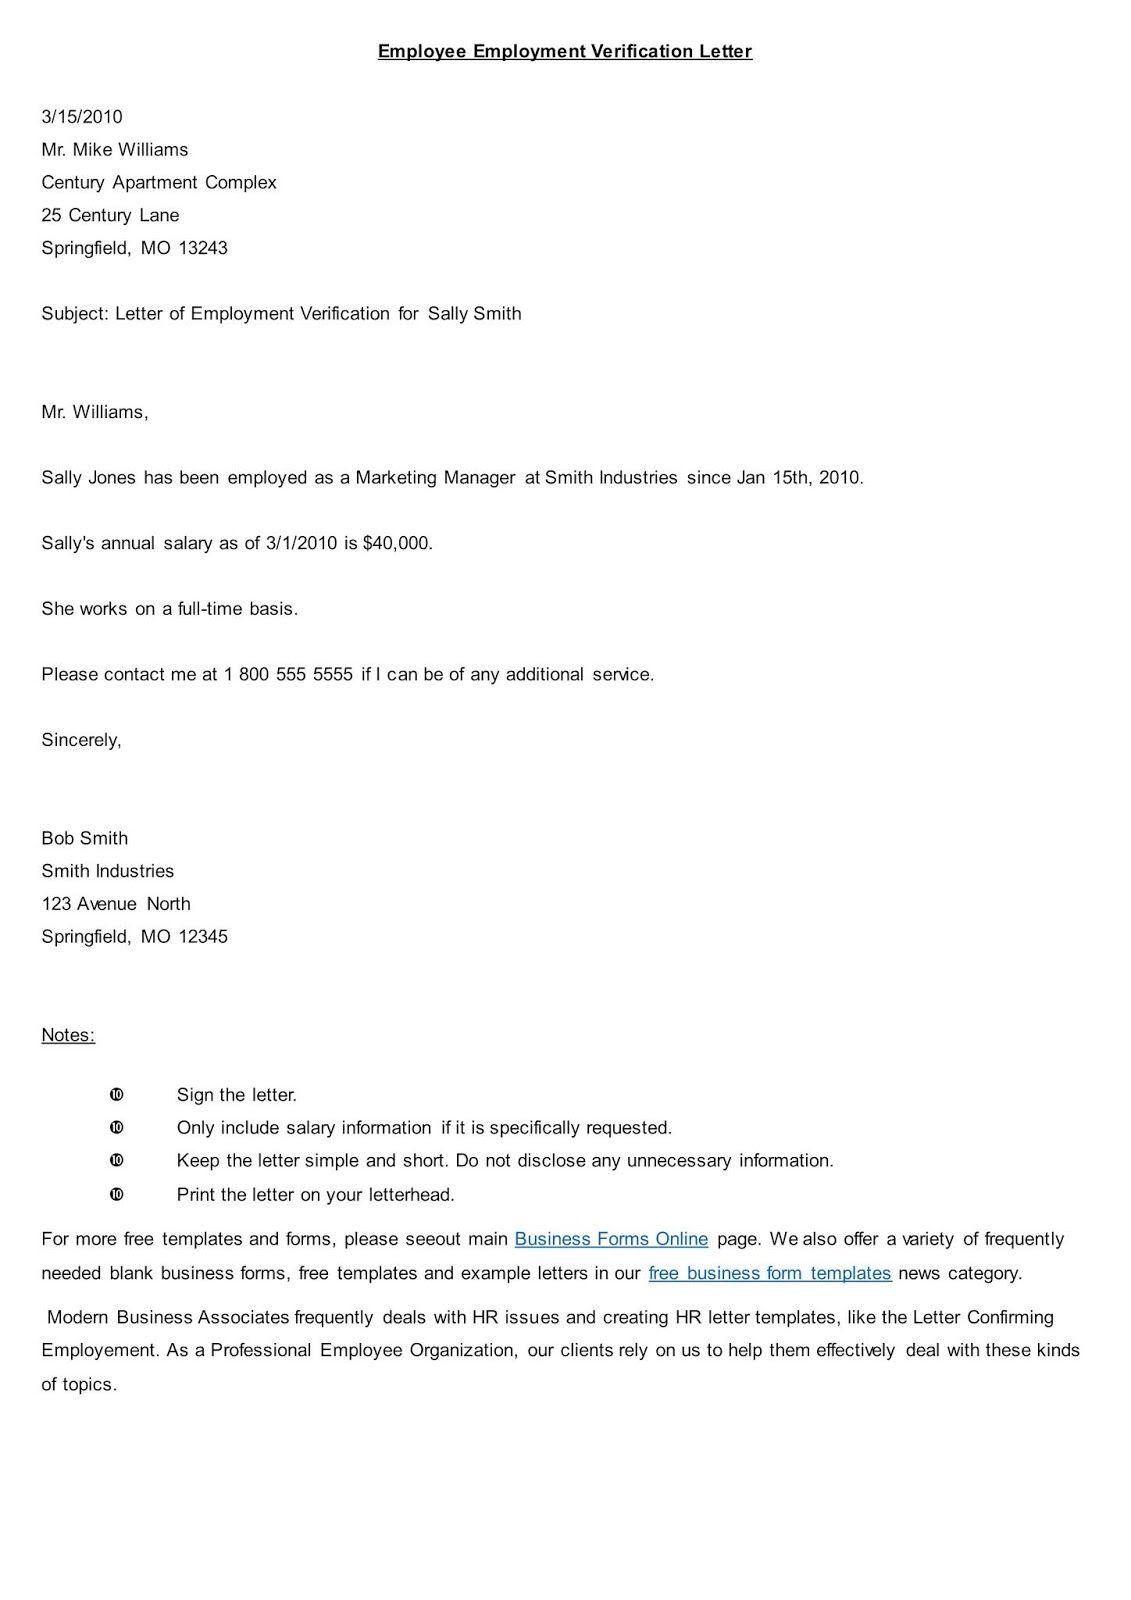 Top 10 Employment Verification Letter Form Template